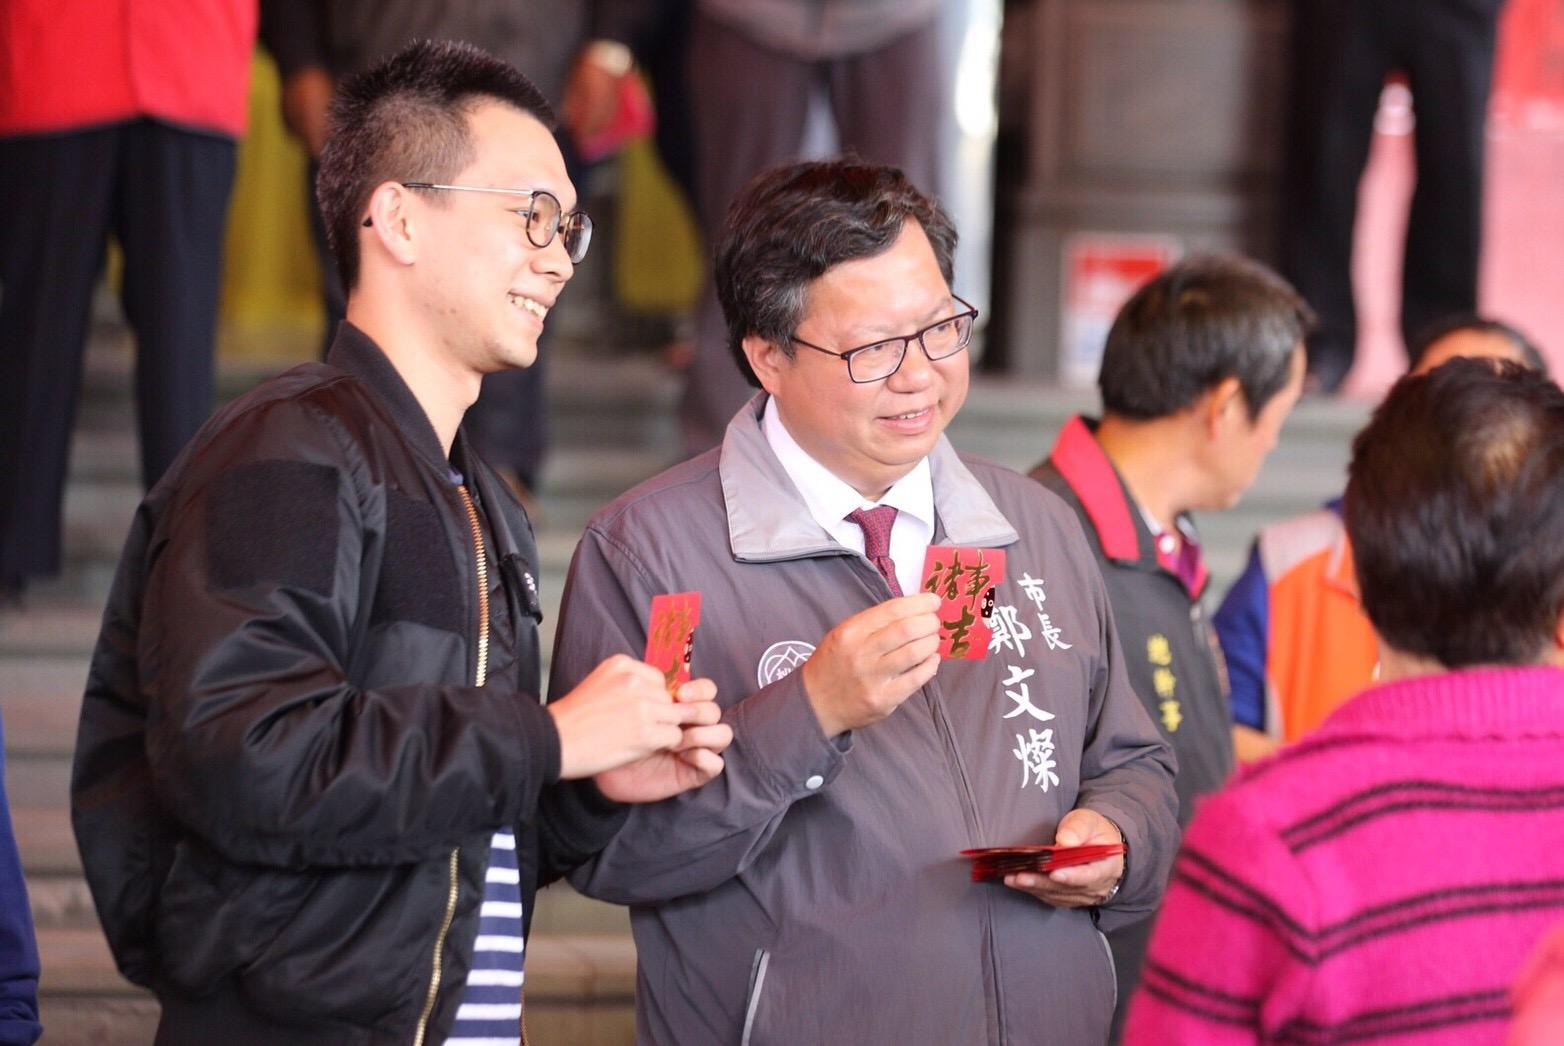 市長與市民朋友手持新春福袋合影